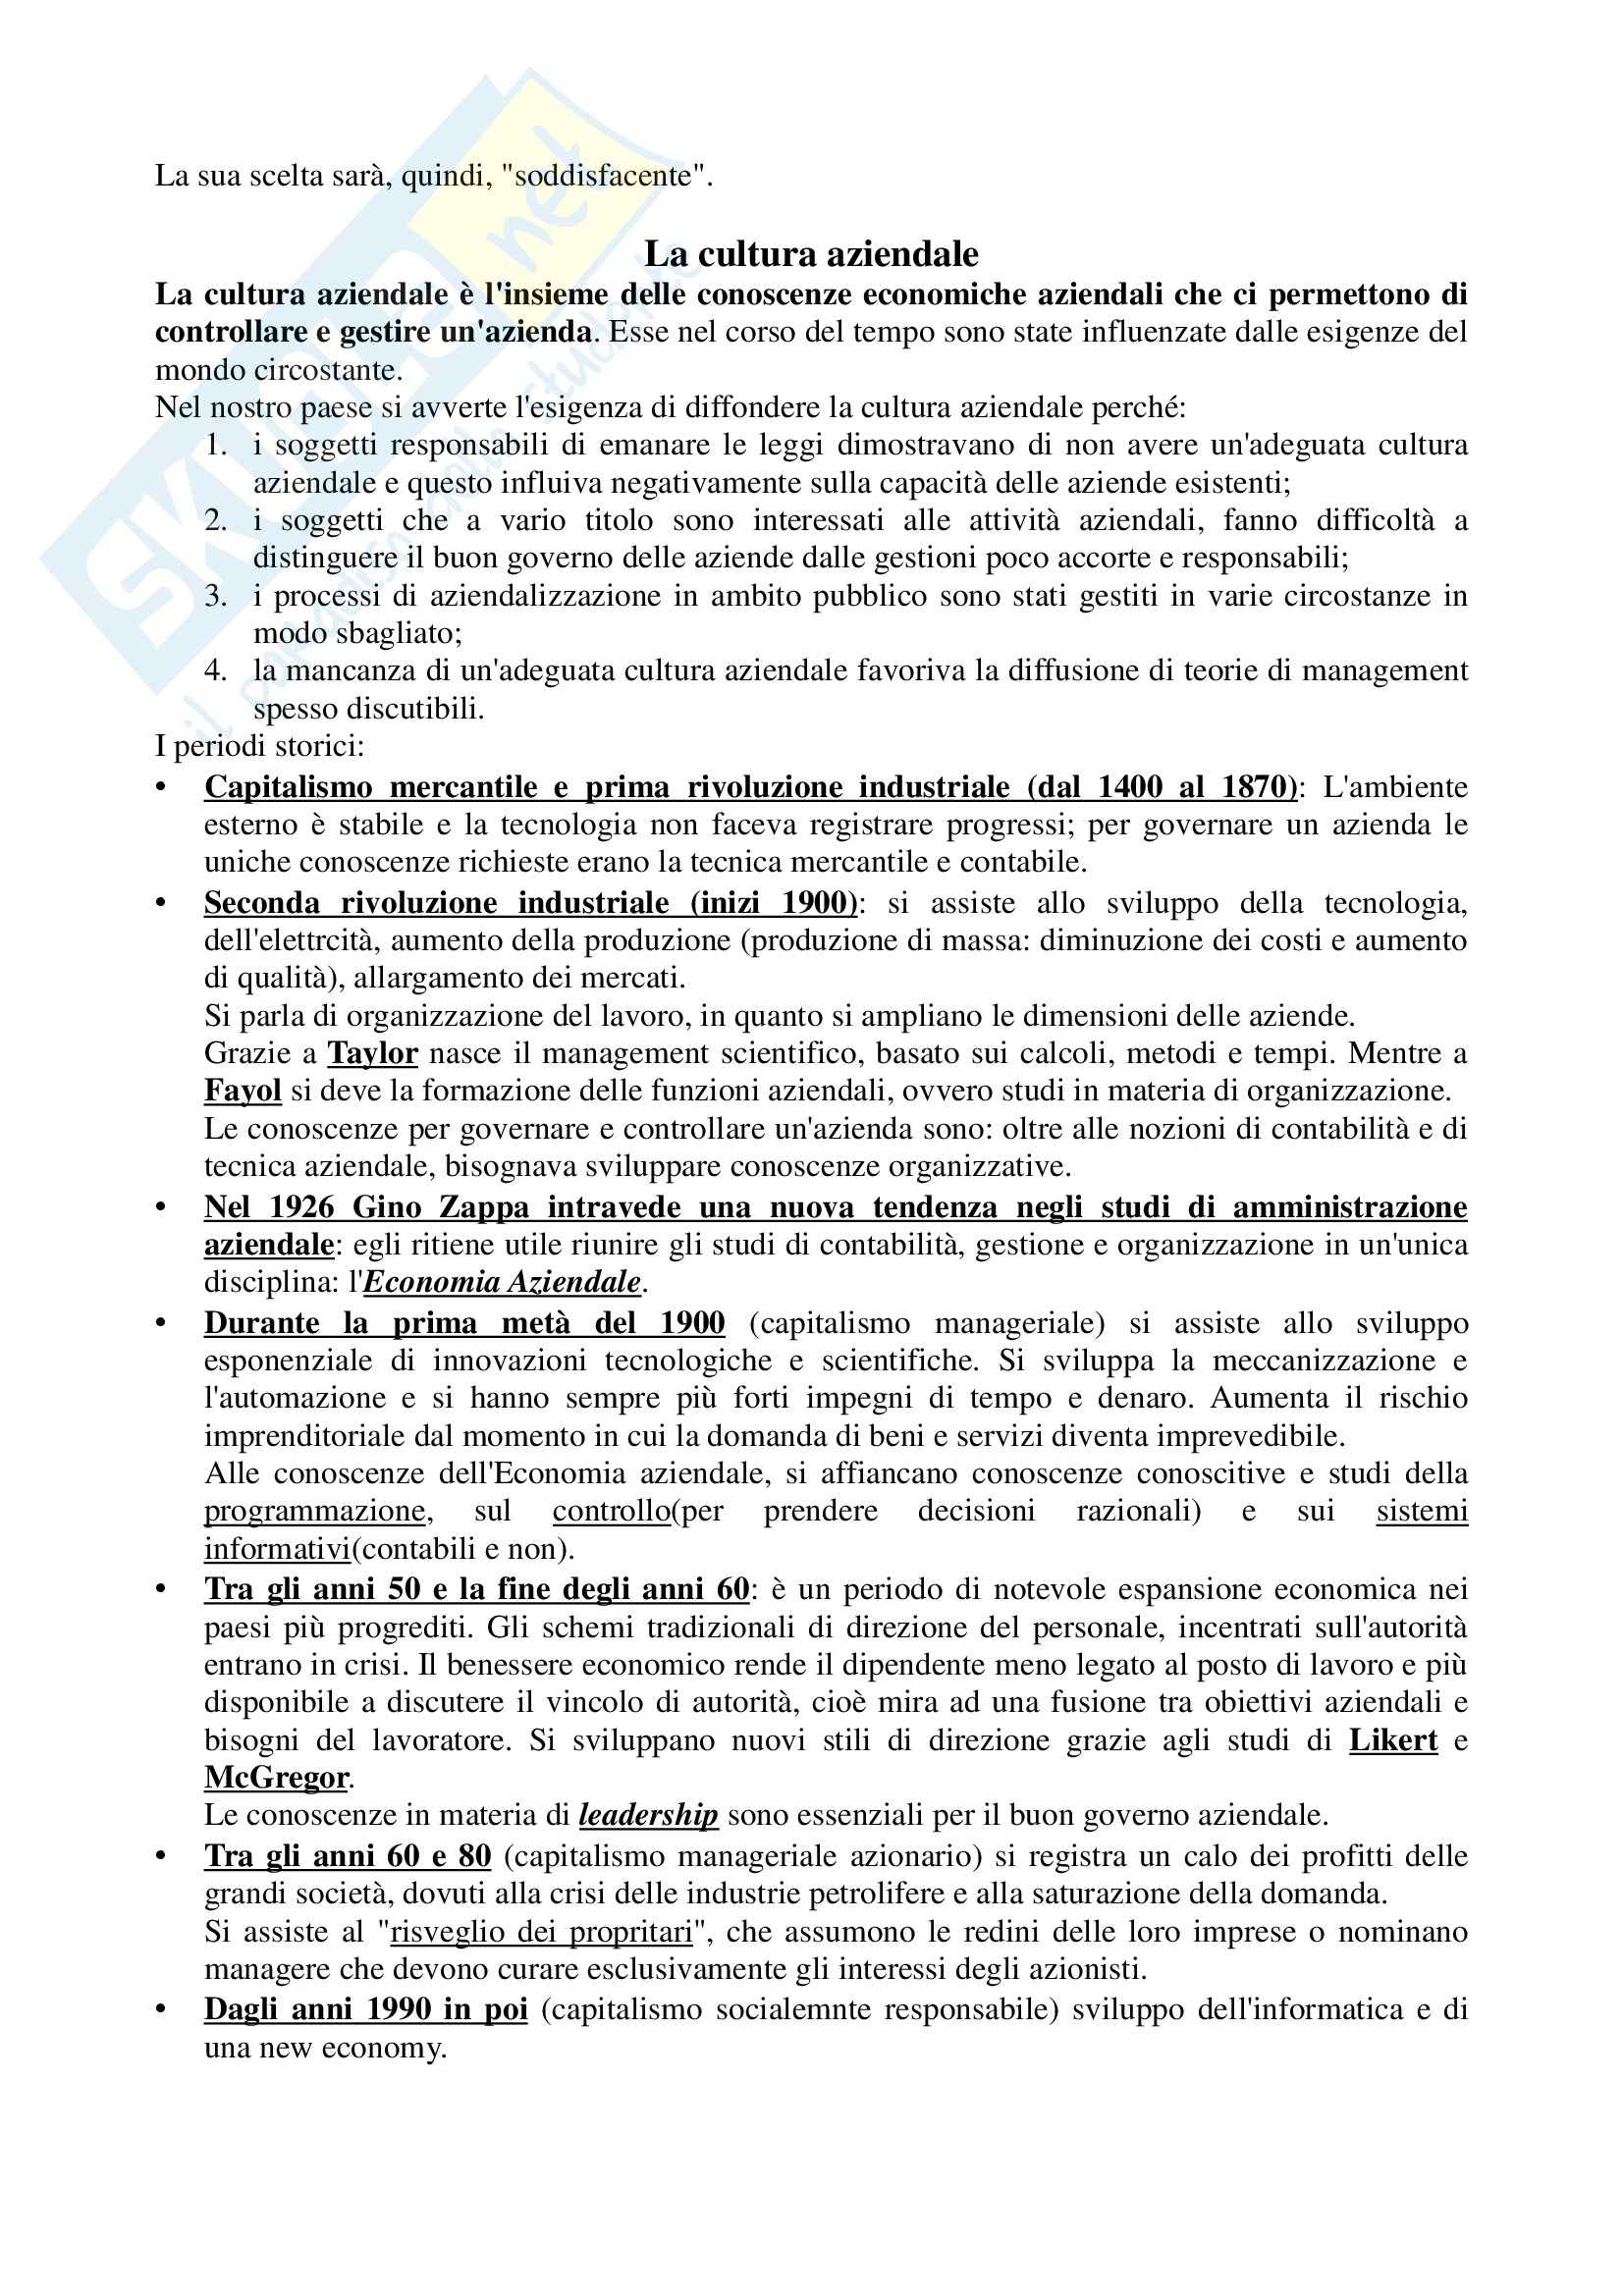 Lineamenti di economia aziendale, Zanda - Appunti Pag. 2